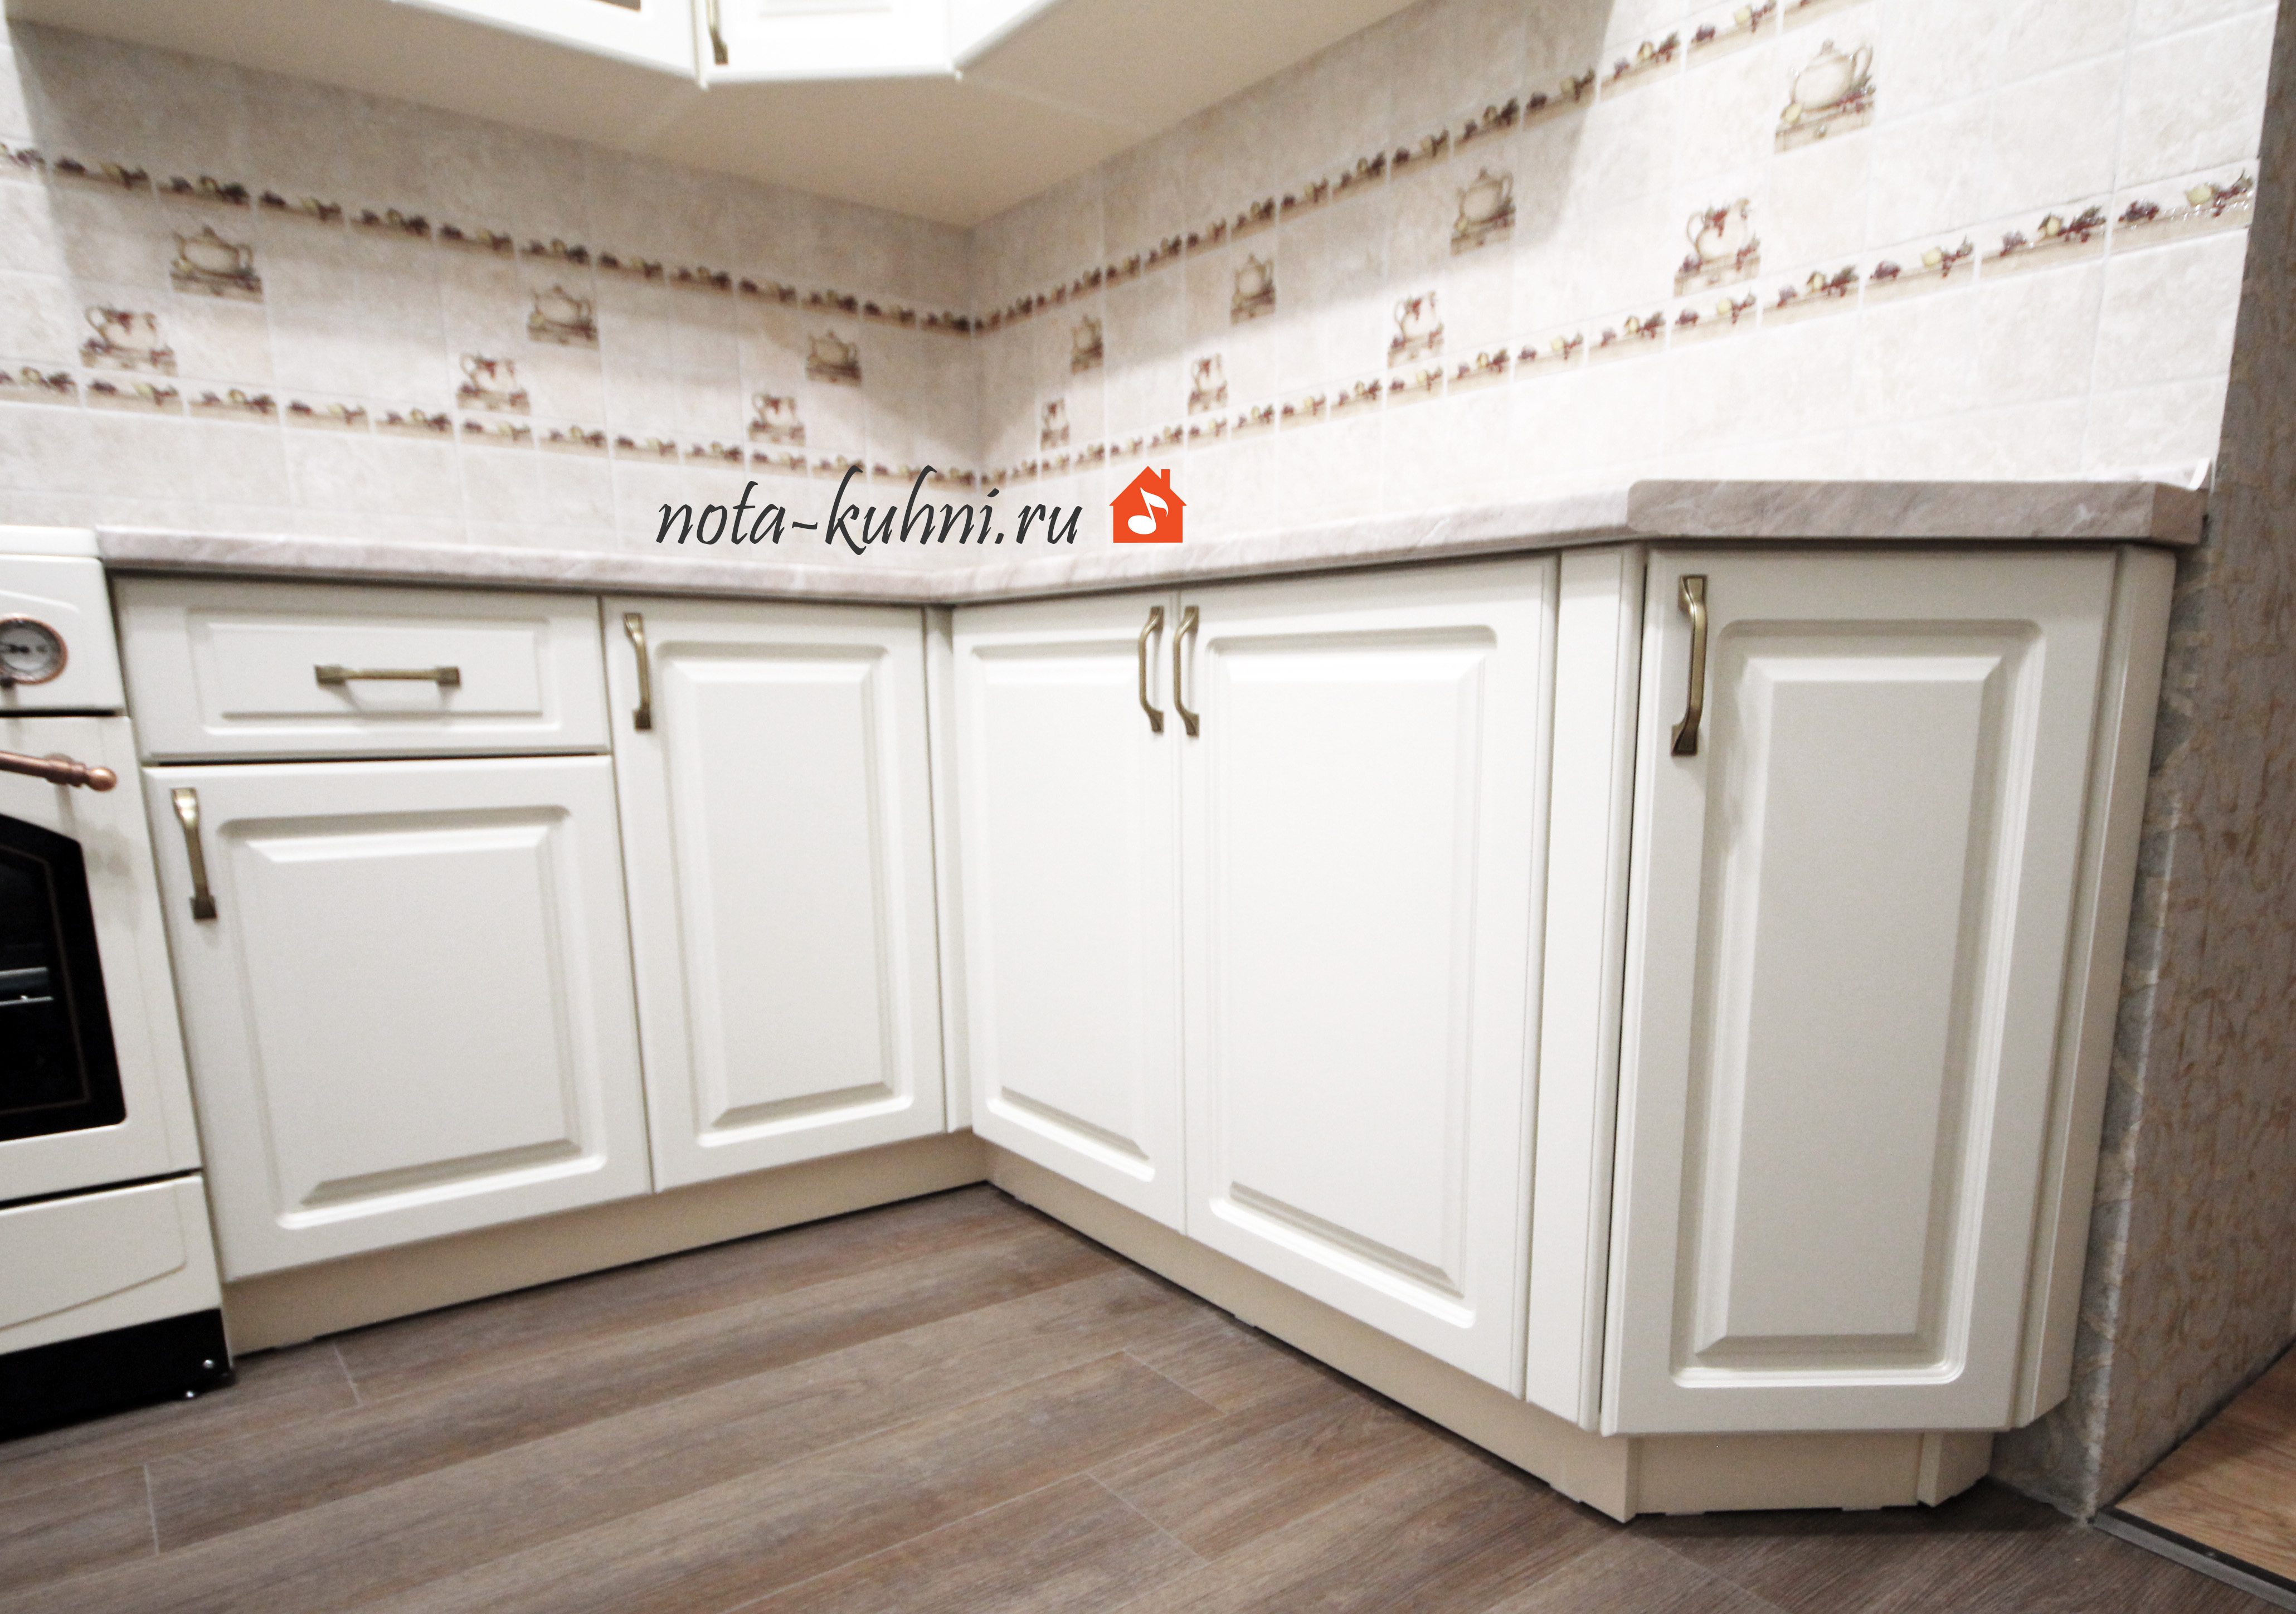 кухни мдф эмаль матовая недорого